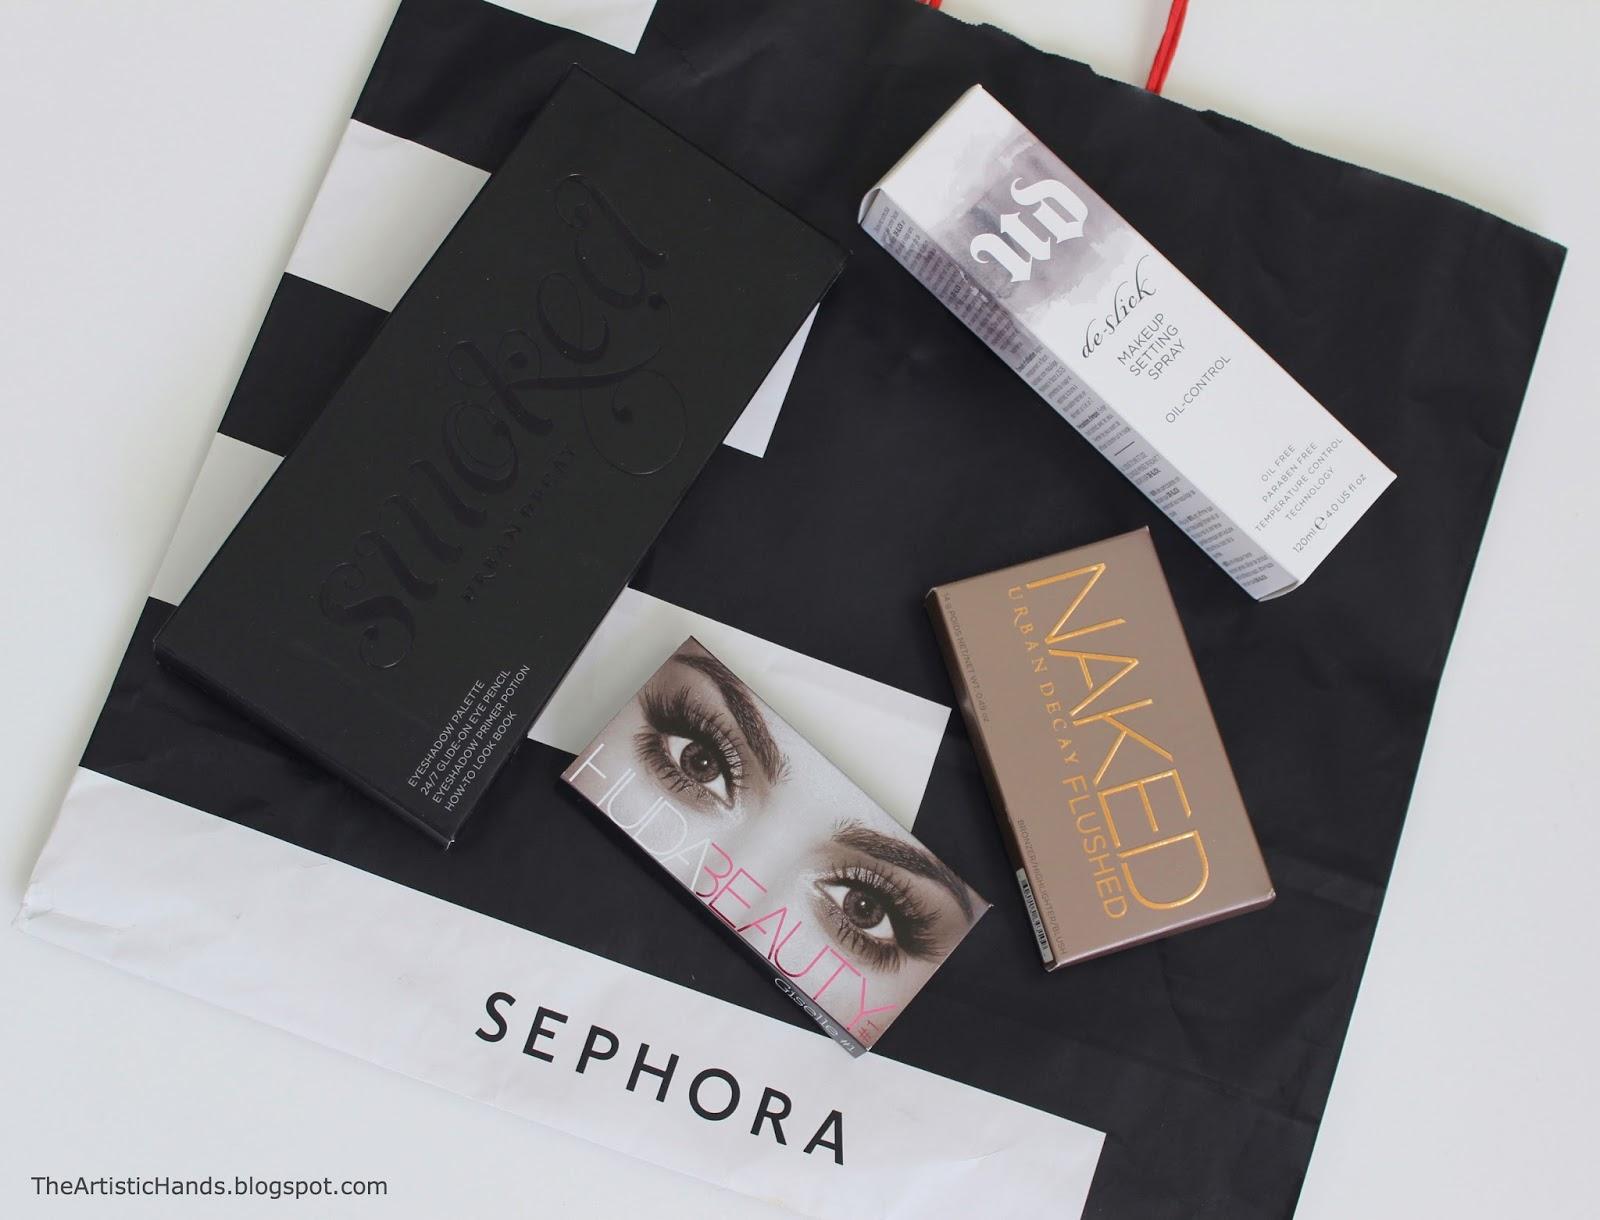 caa376b437a2d Dubai Small Makeup Haul مشترياتي من دبي